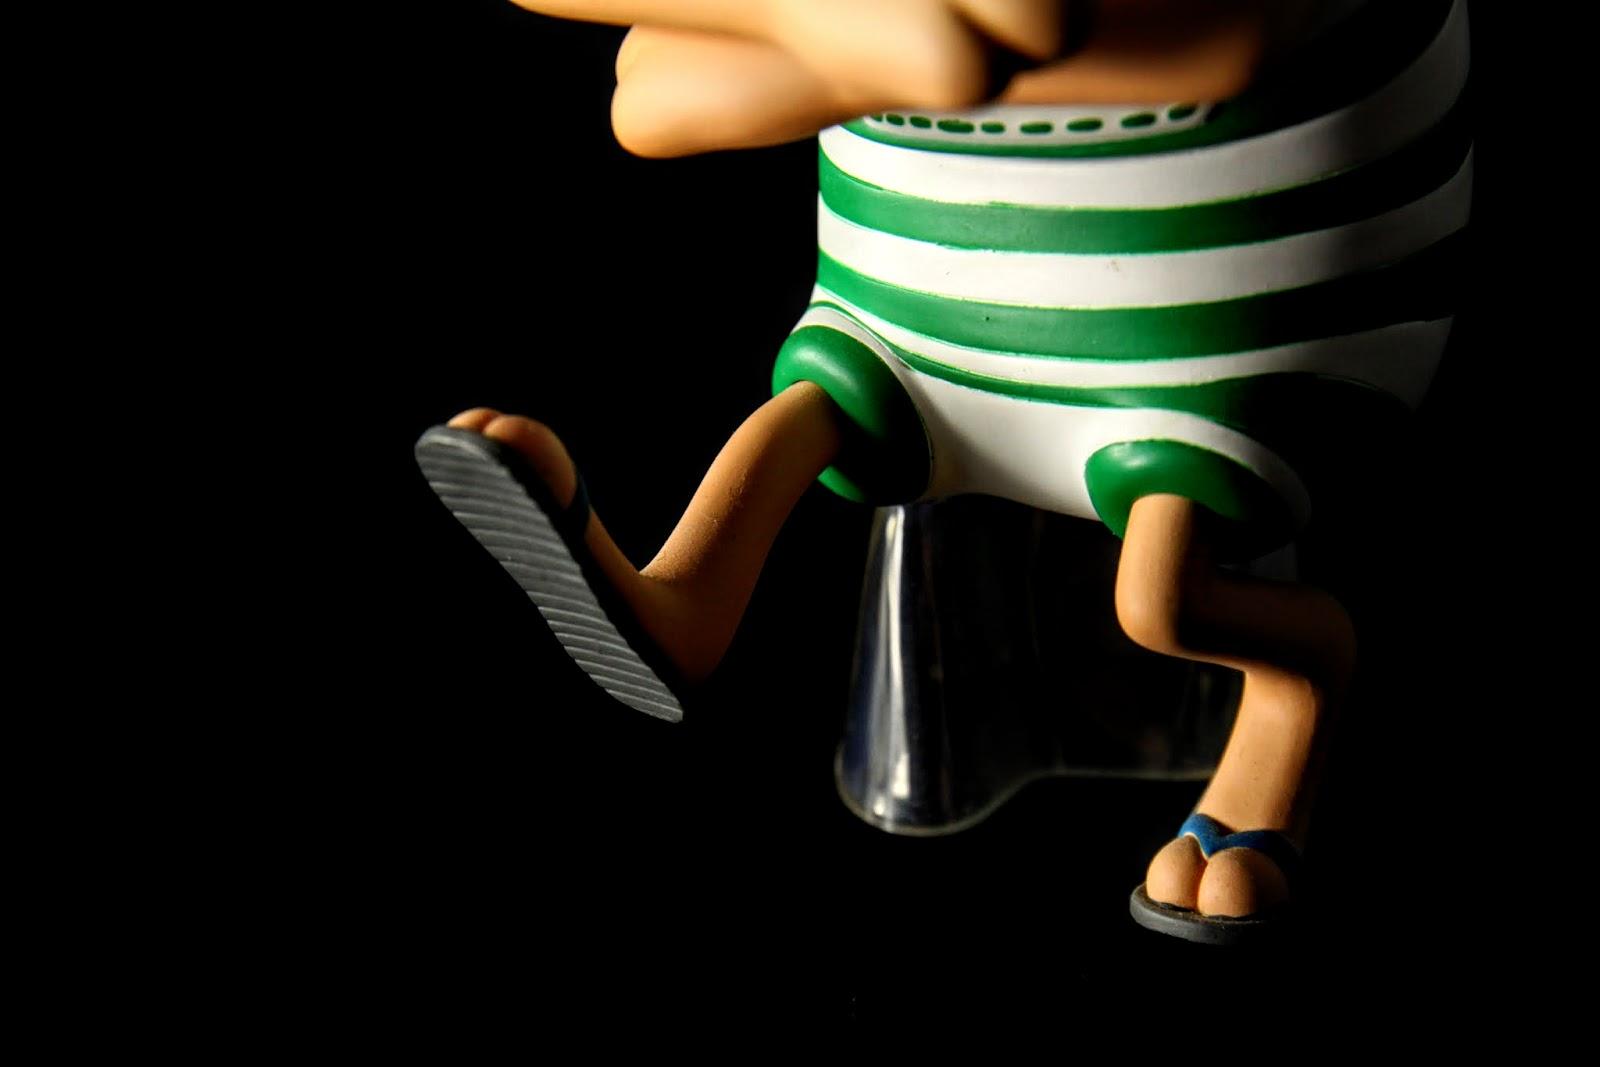 不要吝嗇你的腰力與膝蓋, 奮力地彎下去及踢出去吧!